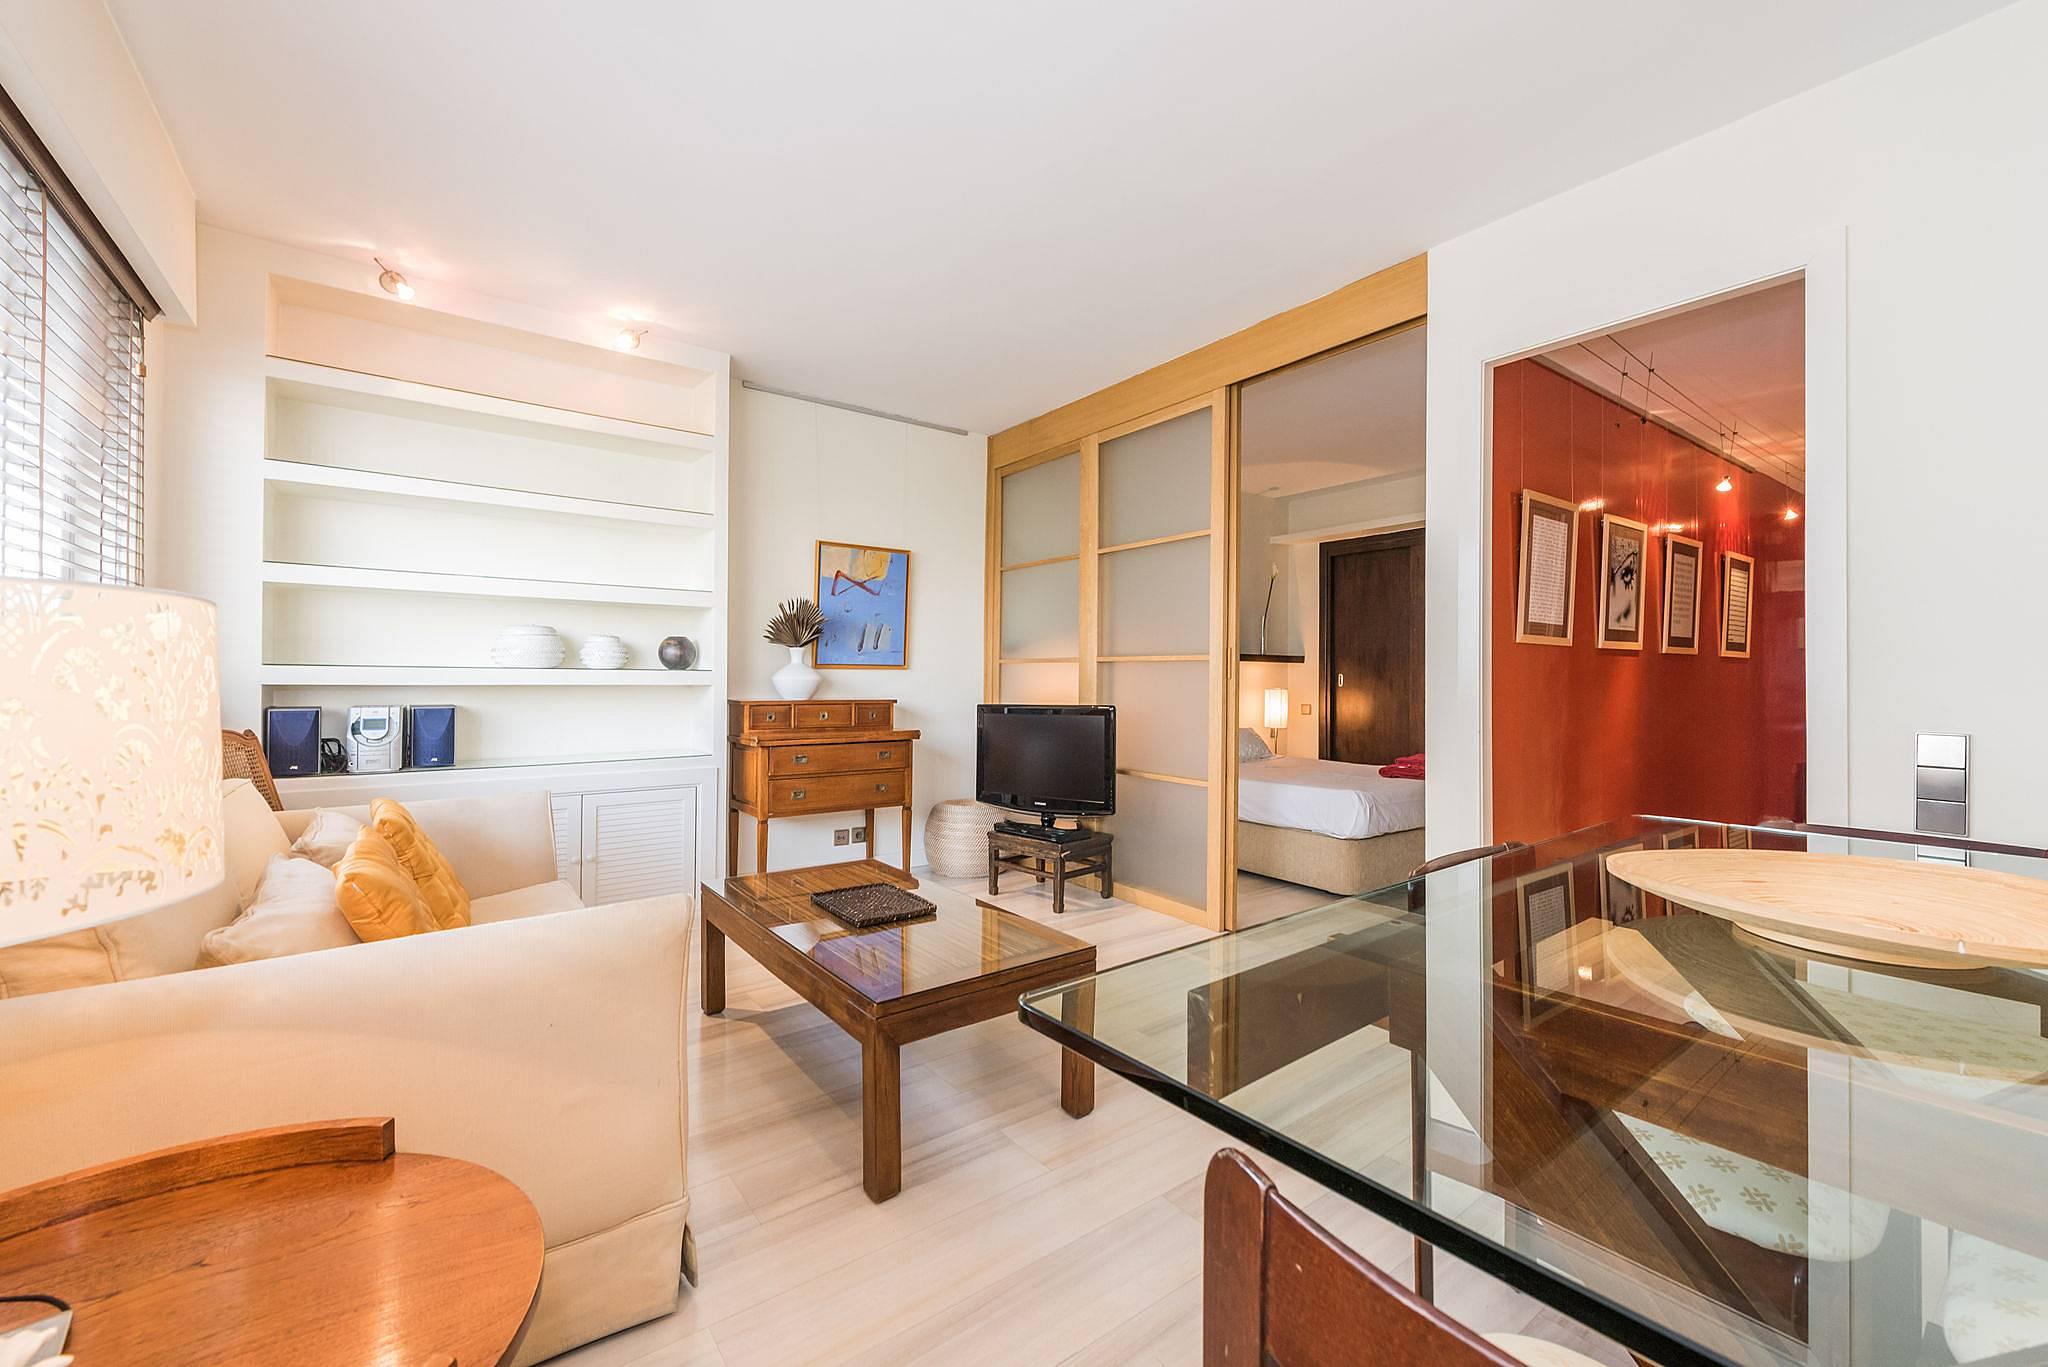 Apartamento para 2 personas en madrid centro madrid for Hoteles chic en madrid